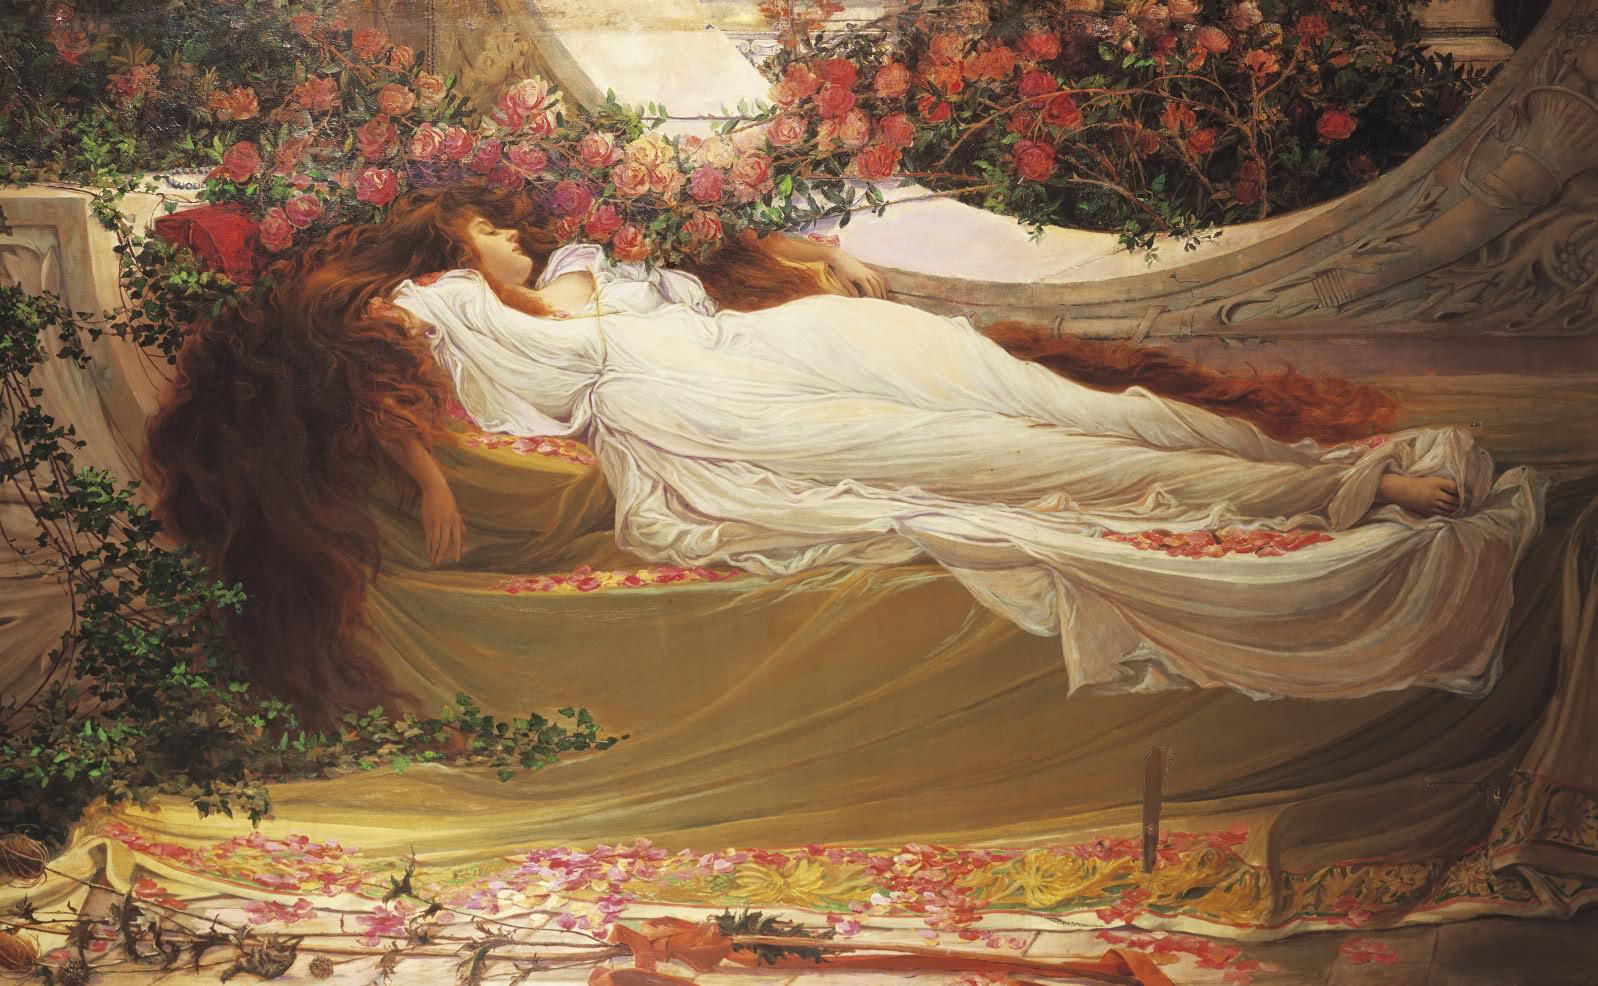 Спящая красавица текст 1 фотография